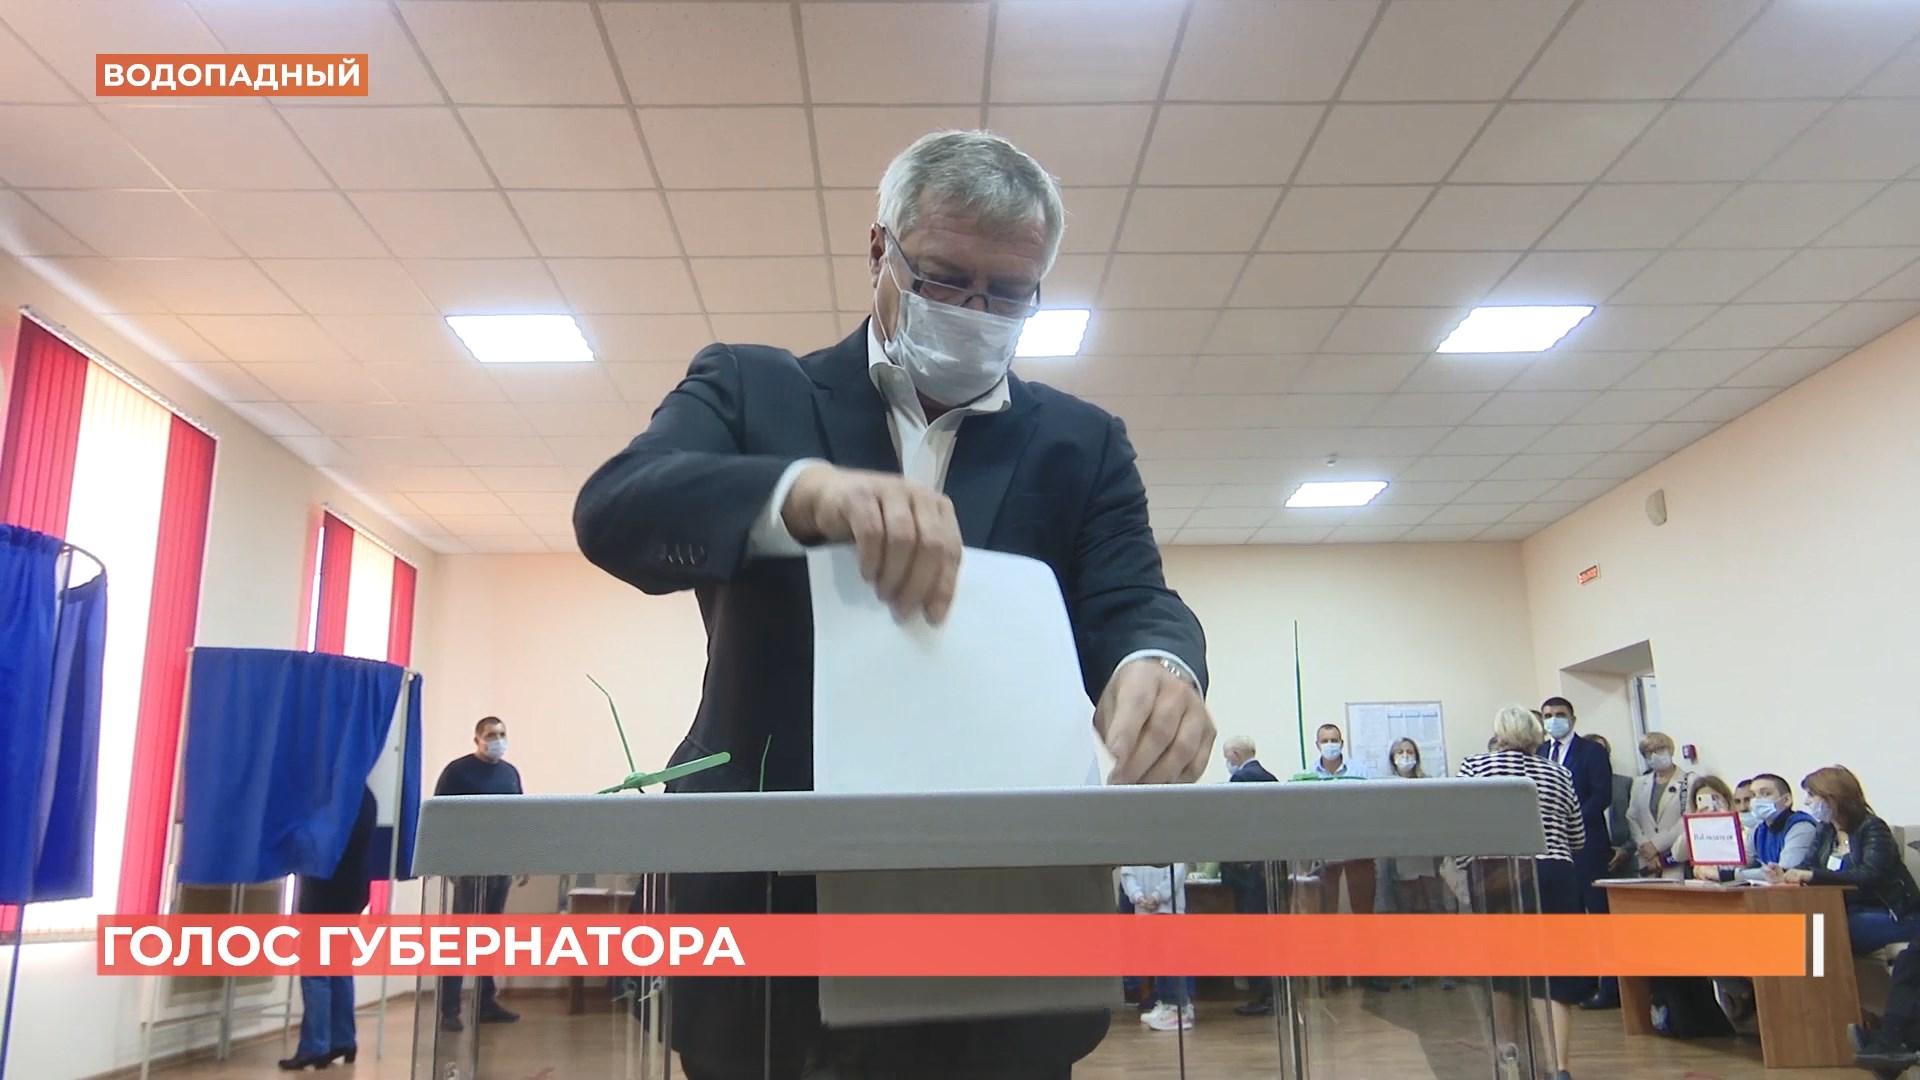 Ростов сегодня: дневной выпуск 12:00. 19 сентября 2021